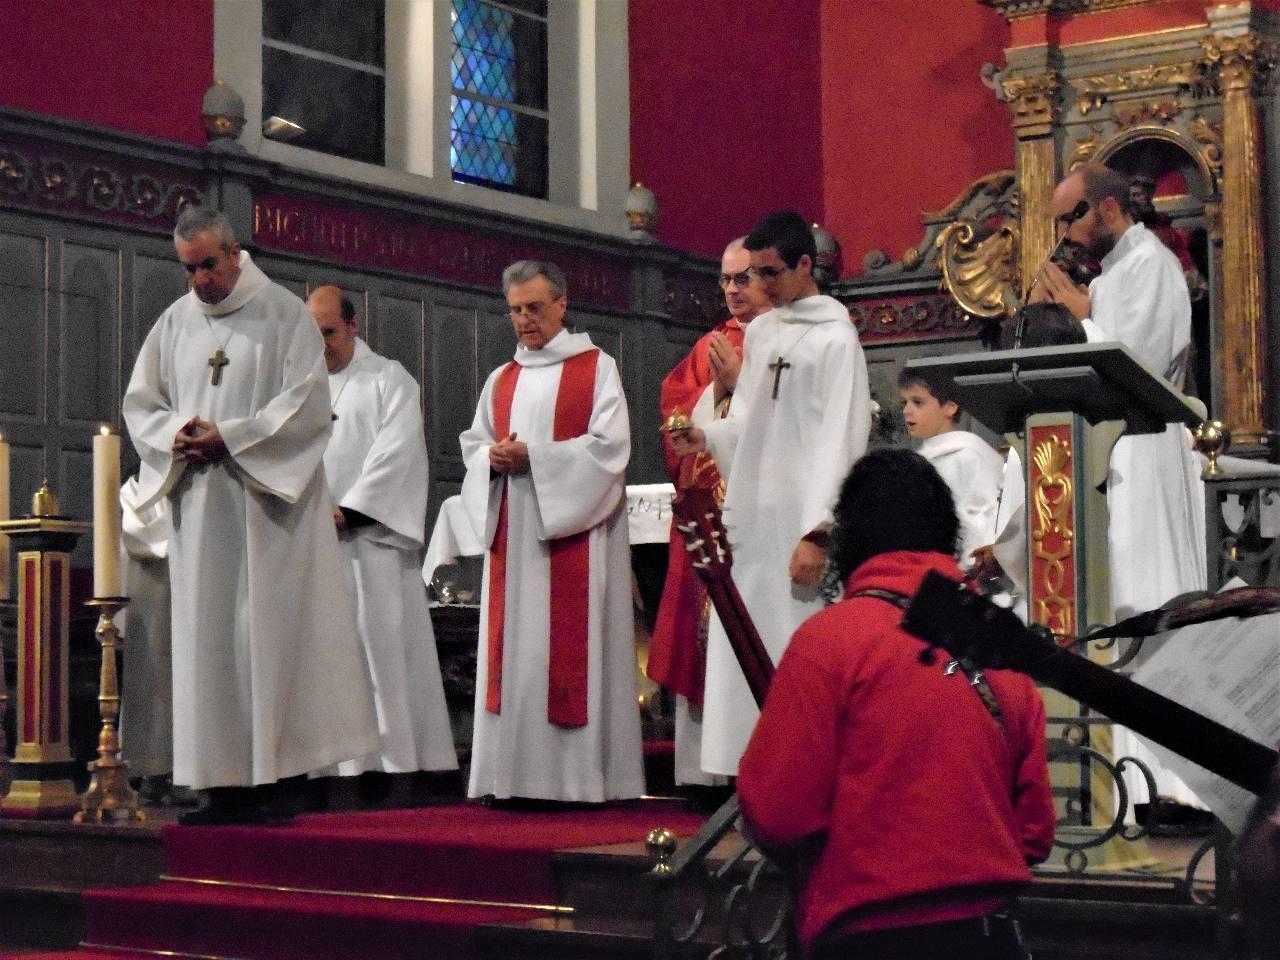 A la suite des prêtres, les nouveaux confirmés sont envoyés dans le monde